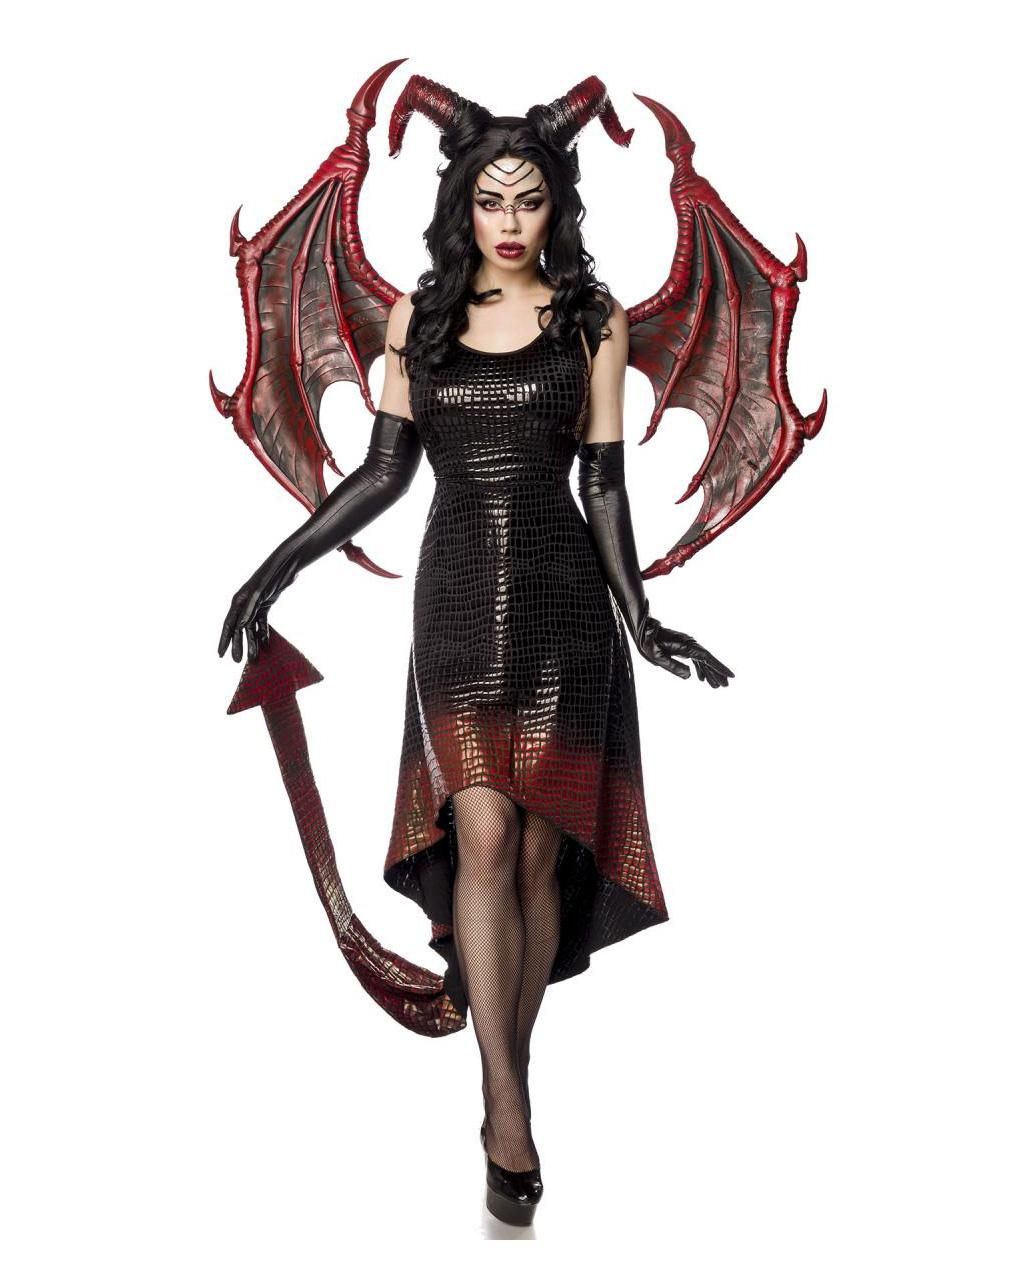 Drachen Lady Kostum Mit Flugeln Fur Fantasy Partys Karneval